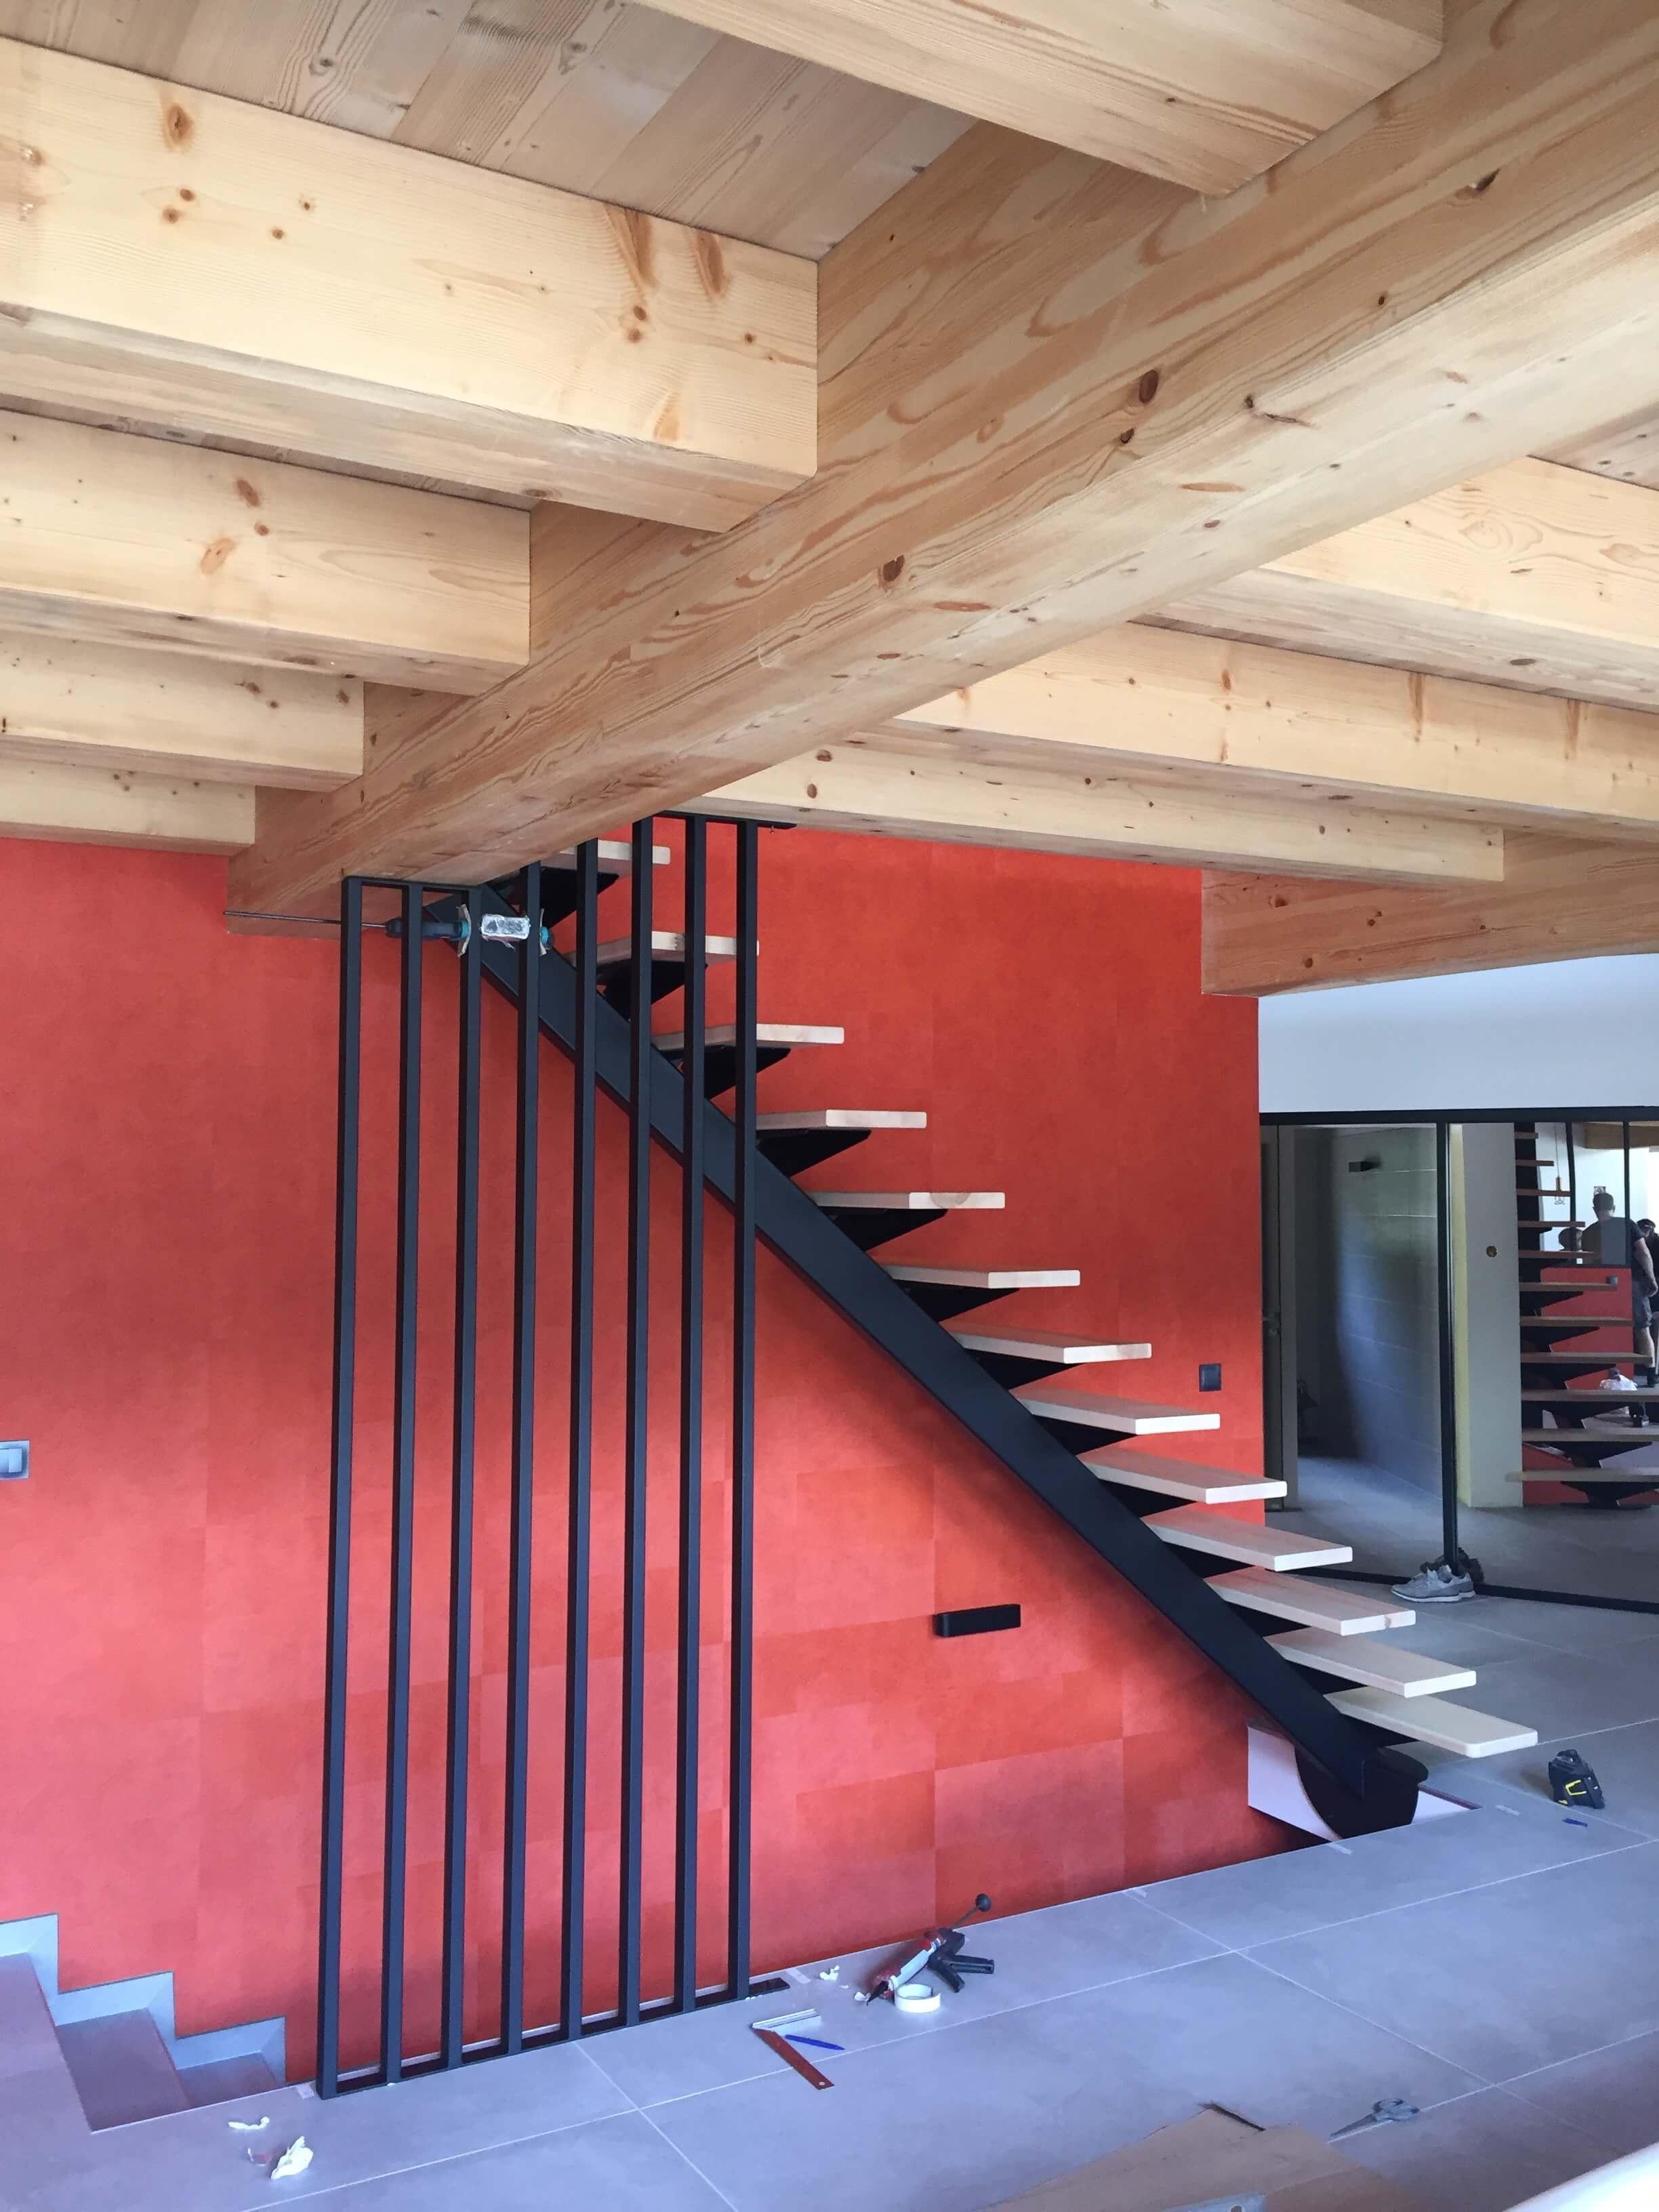 Robi design Métallique Annecy agencement intérieur verrière claustra Tarentaise 7310